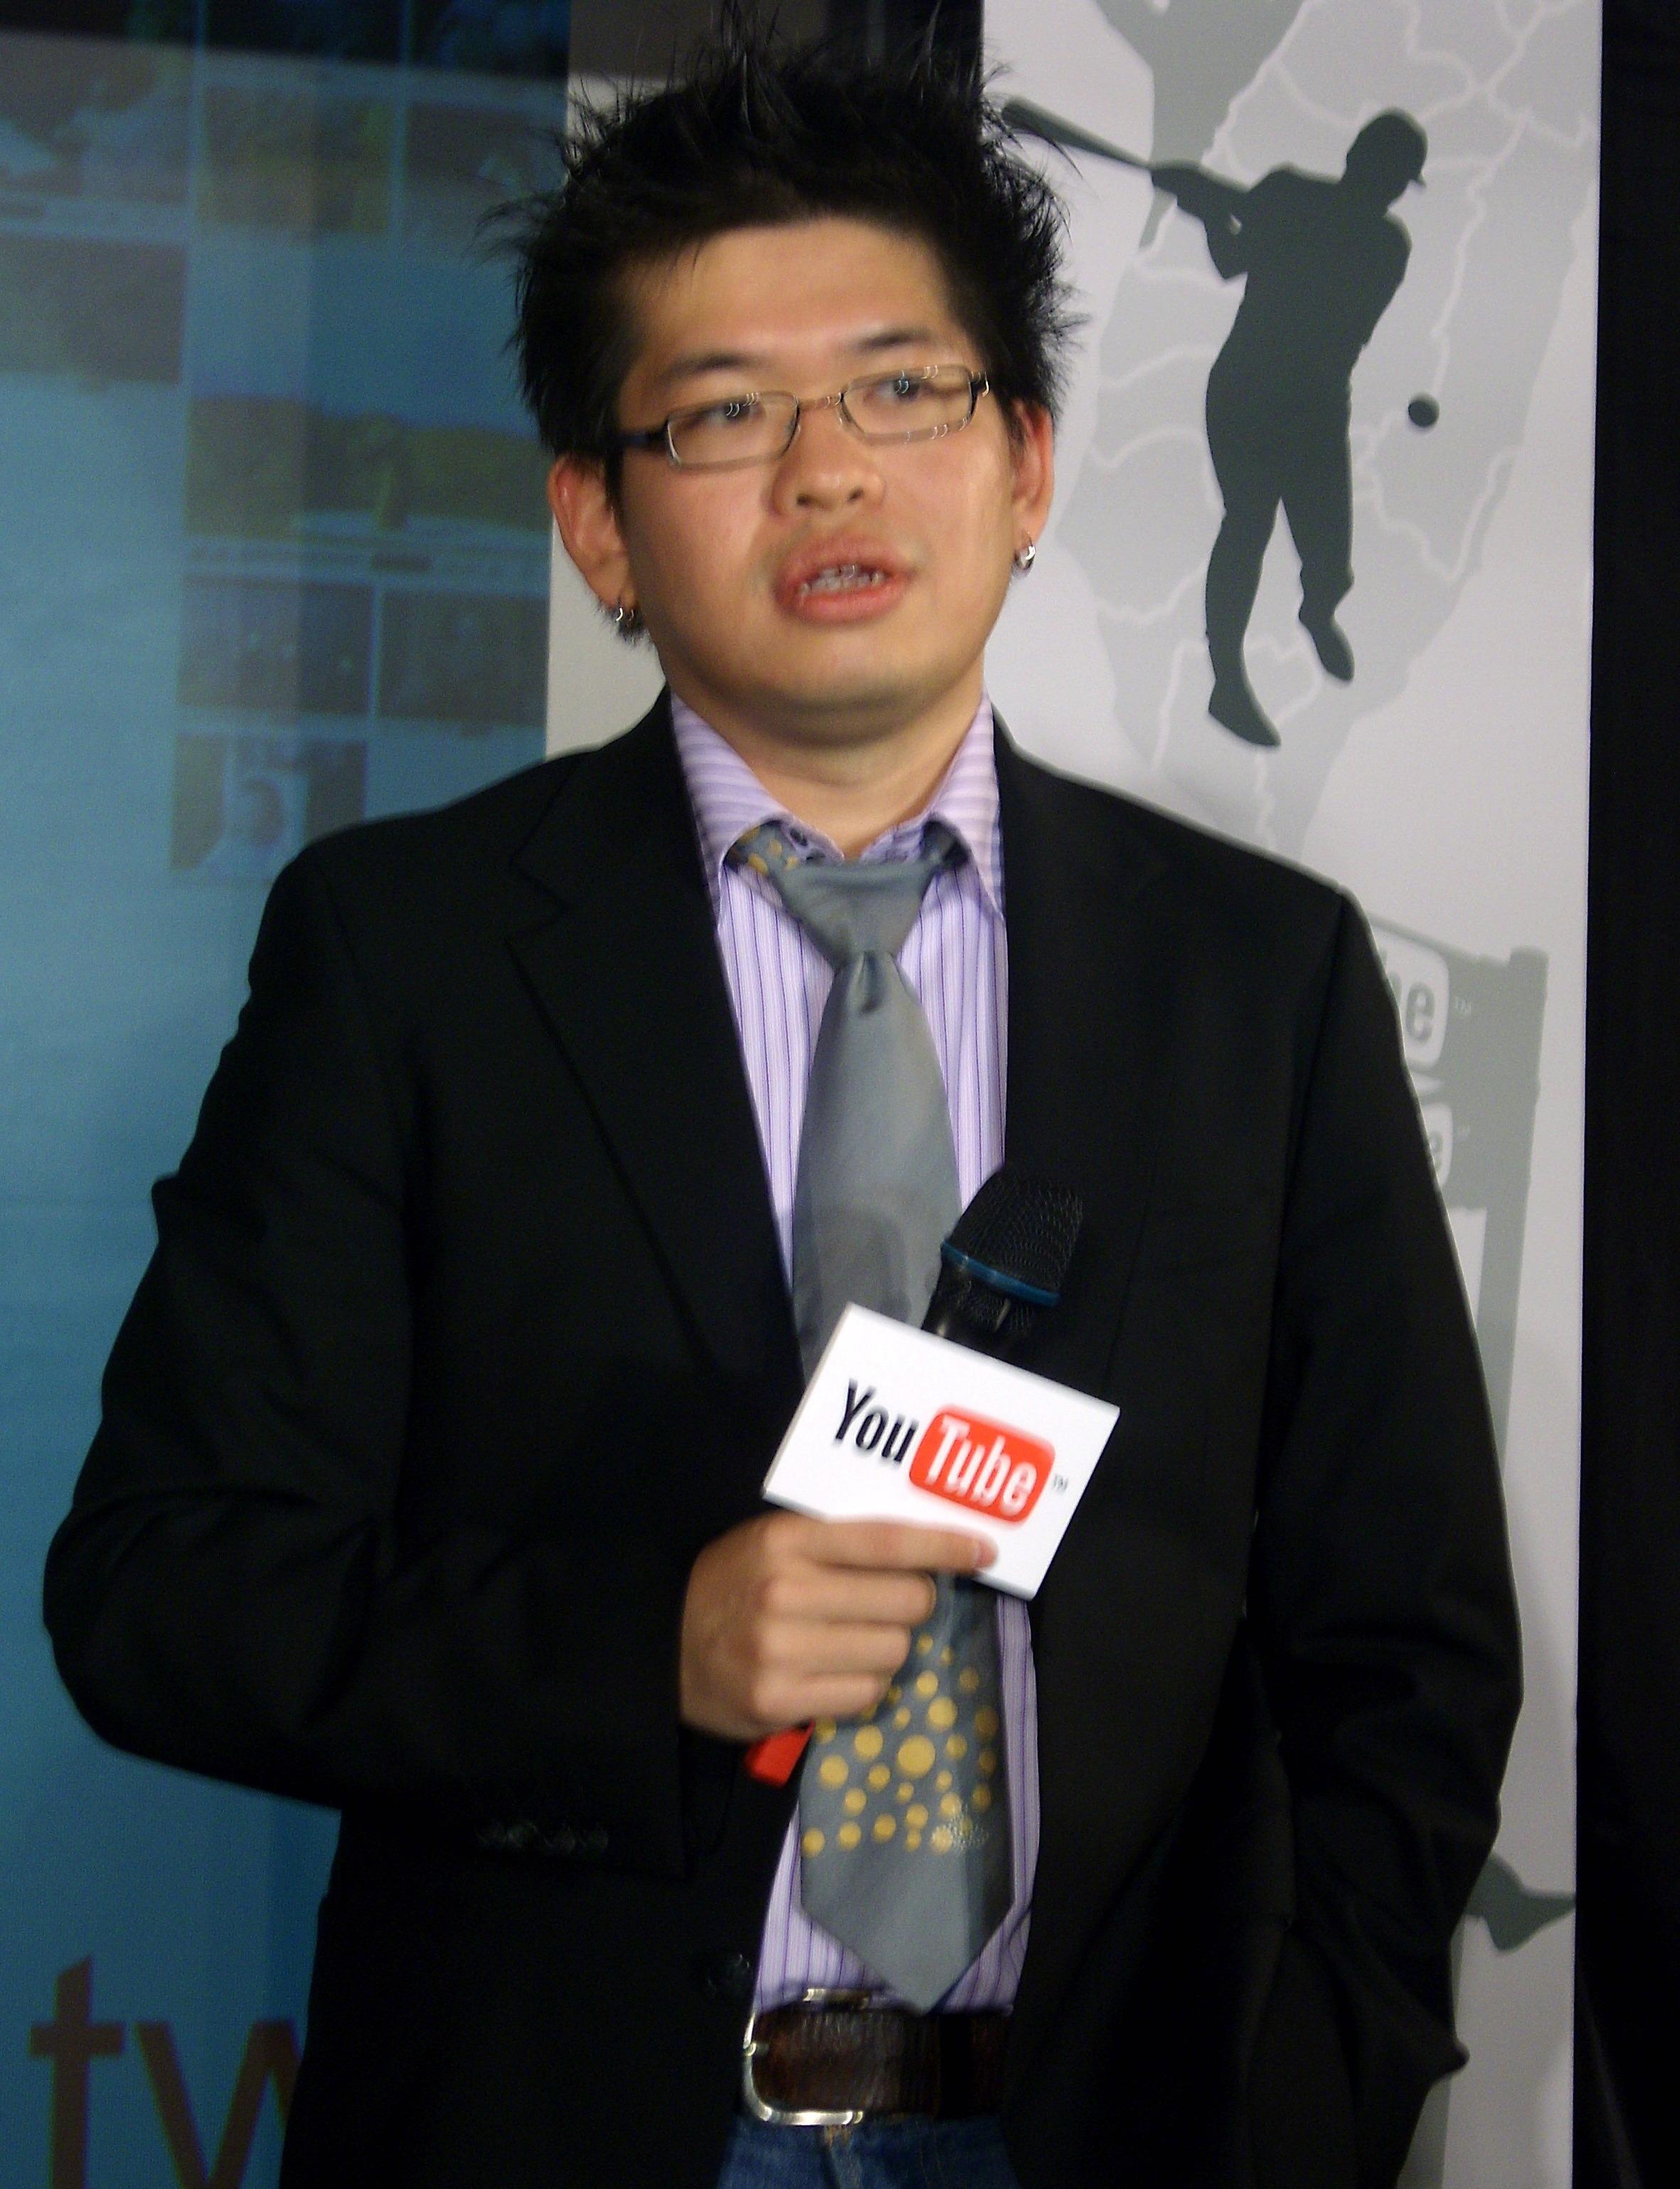 Steve Chen - Wikipedia